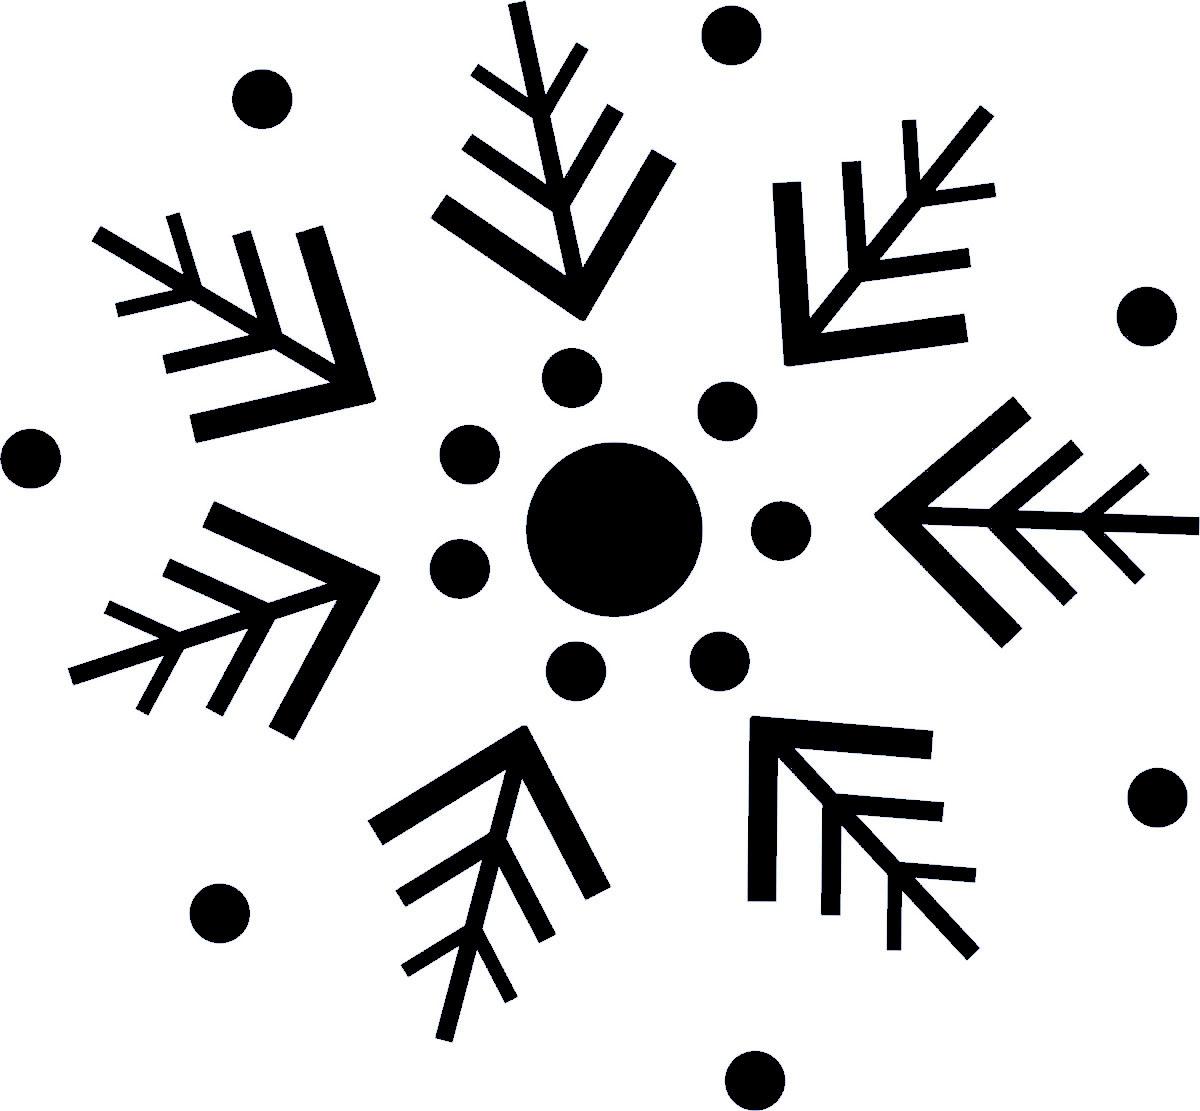 Наклейка автомобильная Оранжевый слоник Снежинка 5, виниловая, цвет: черныйSC-FD421005Оригинальная наклейка Оранжевый слоник Снежинка 5 изготовлена из высококачественной виниловой пленки, которая выполняет не только декоративную функцию, но и защищает кузов автомобиля от небольших механических повреждений, либо скрывает уже существующие.Виниловые наклейки на автомобиль - это не только красиво, но еще и быстро! Всего за несколько минут вы можете полностью преобразить свой автомобиль, сделать его ярким, необычным, особенным и неповторимым!